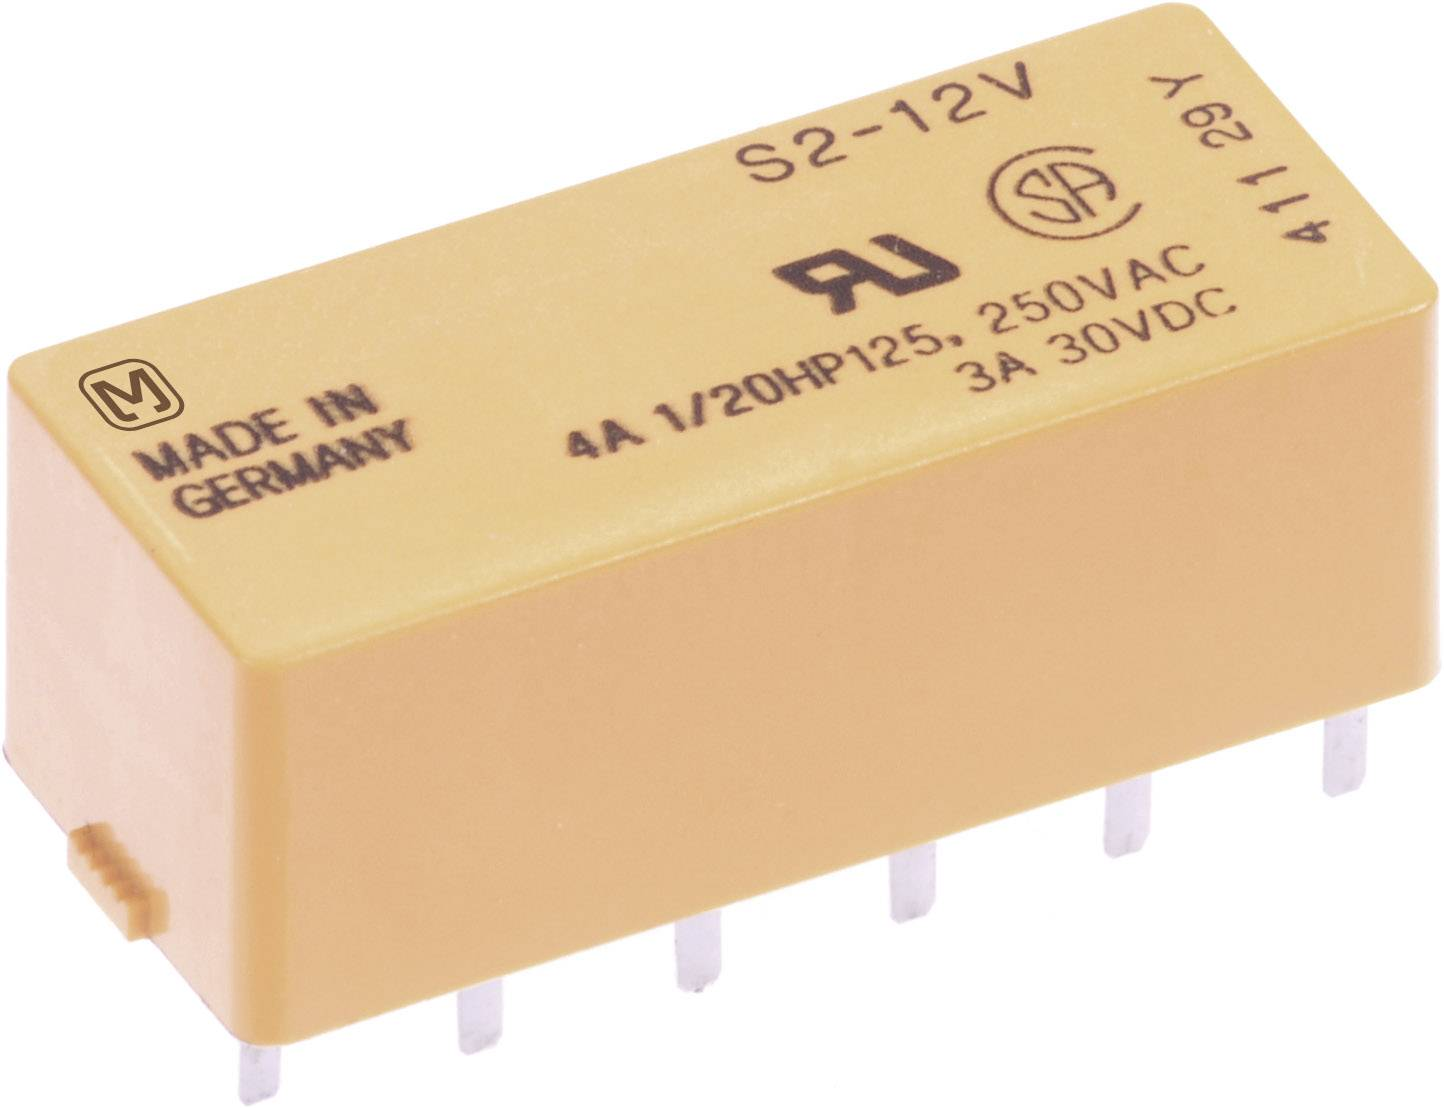 Výkonové relé S 4 A, Print Panasonic S412, S412, 200 mW, 4 A, (DC) 3 A/(AC) 4 A , 30 V/DC/250 V/AC 90 W/1000 VA